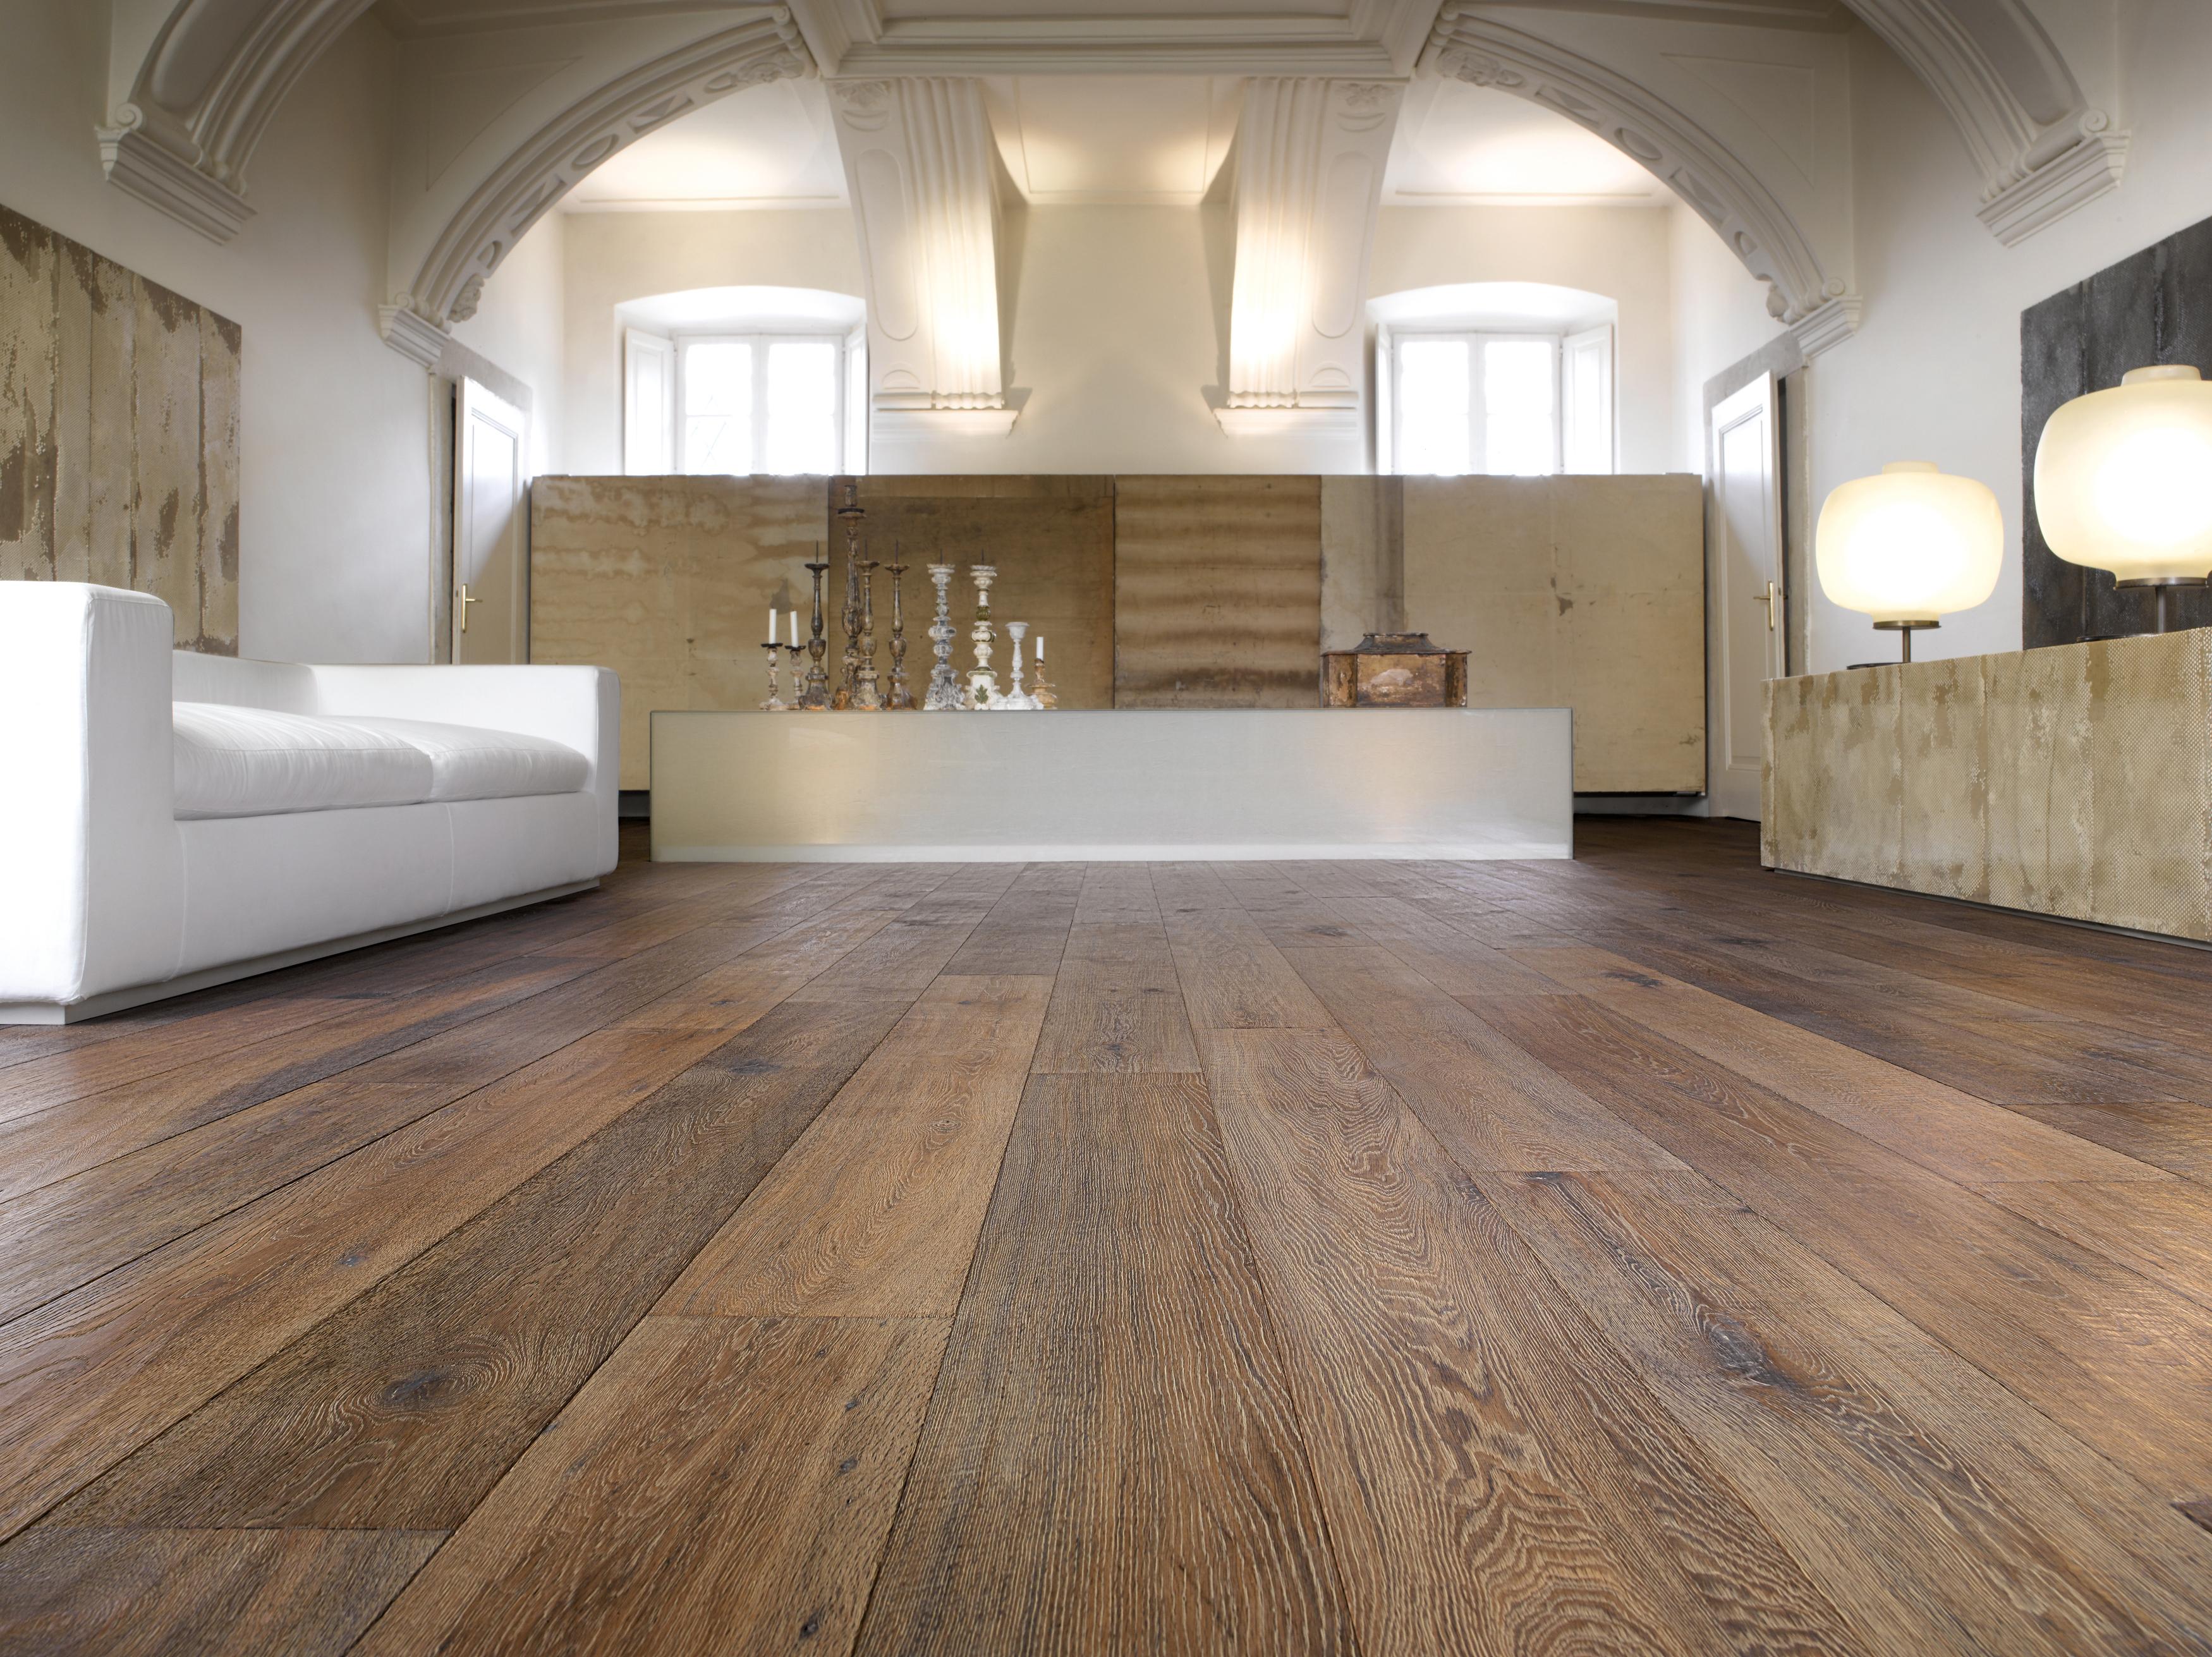 Wide Rustic Distressed Italian Engineered Oak Flooring